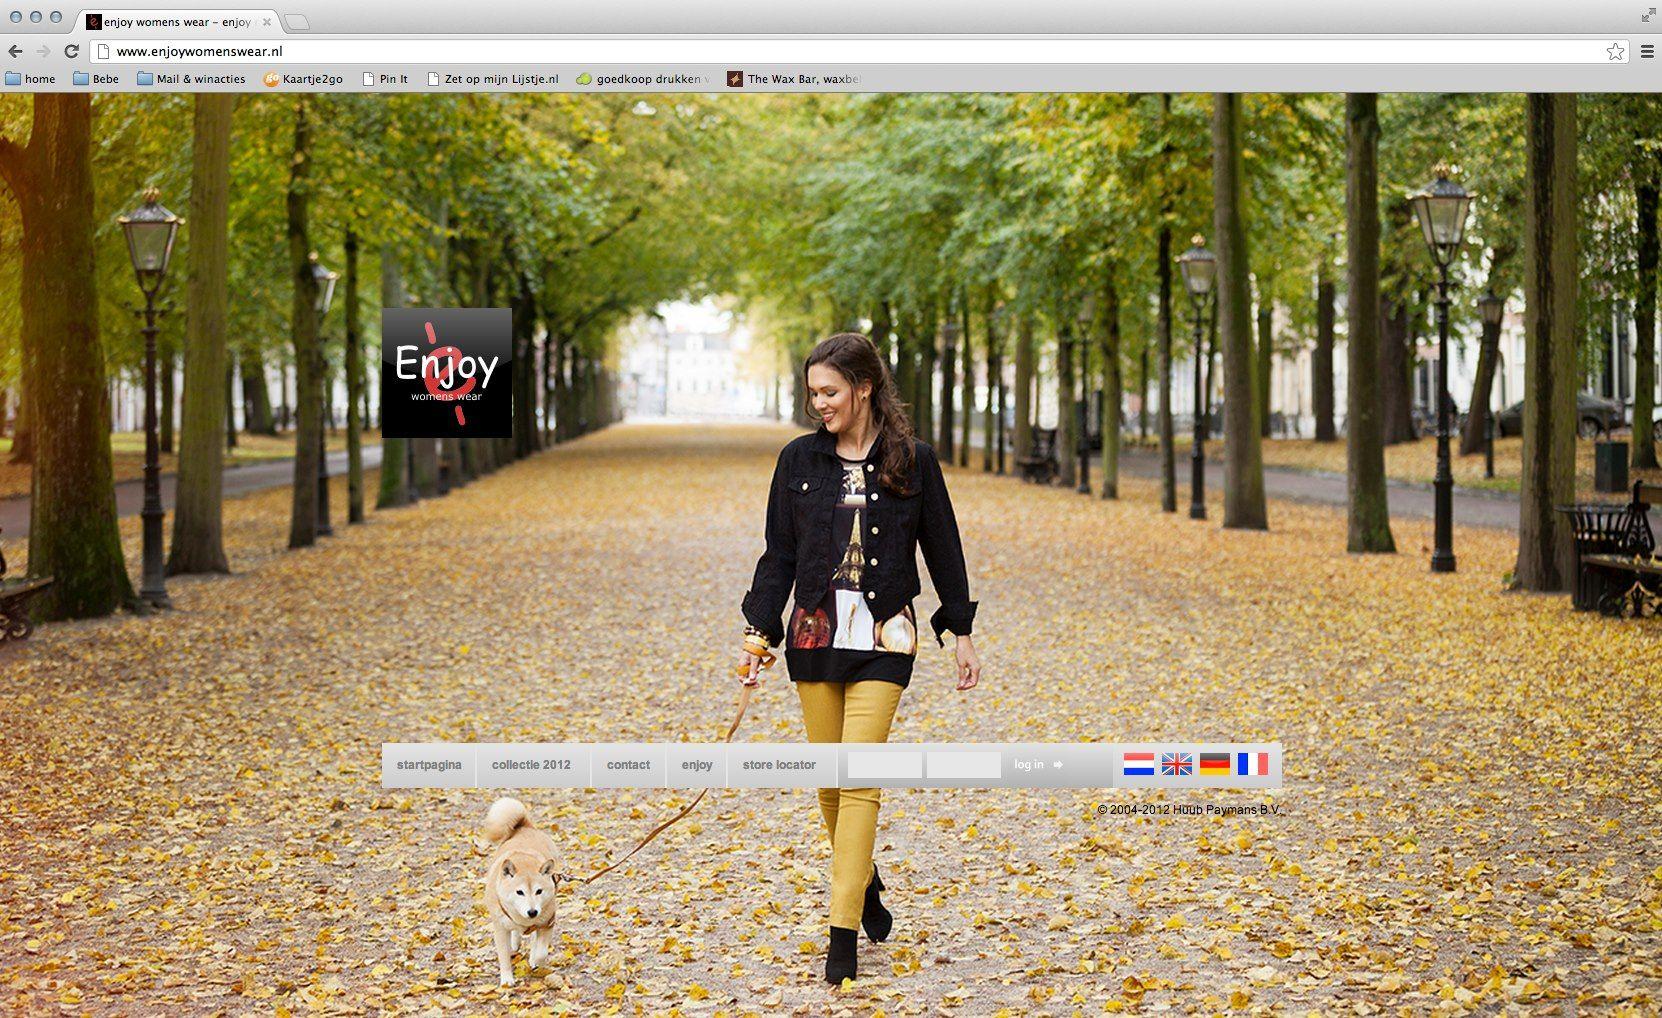 Enjoy Womanswear Fotografie: Dani van Oeffelen Styling: Marike Janssen Haar & make-up: Arnoux Maitimo Model: Margriet Haring & Foxy Assistent: Jonas van der Zeeuw